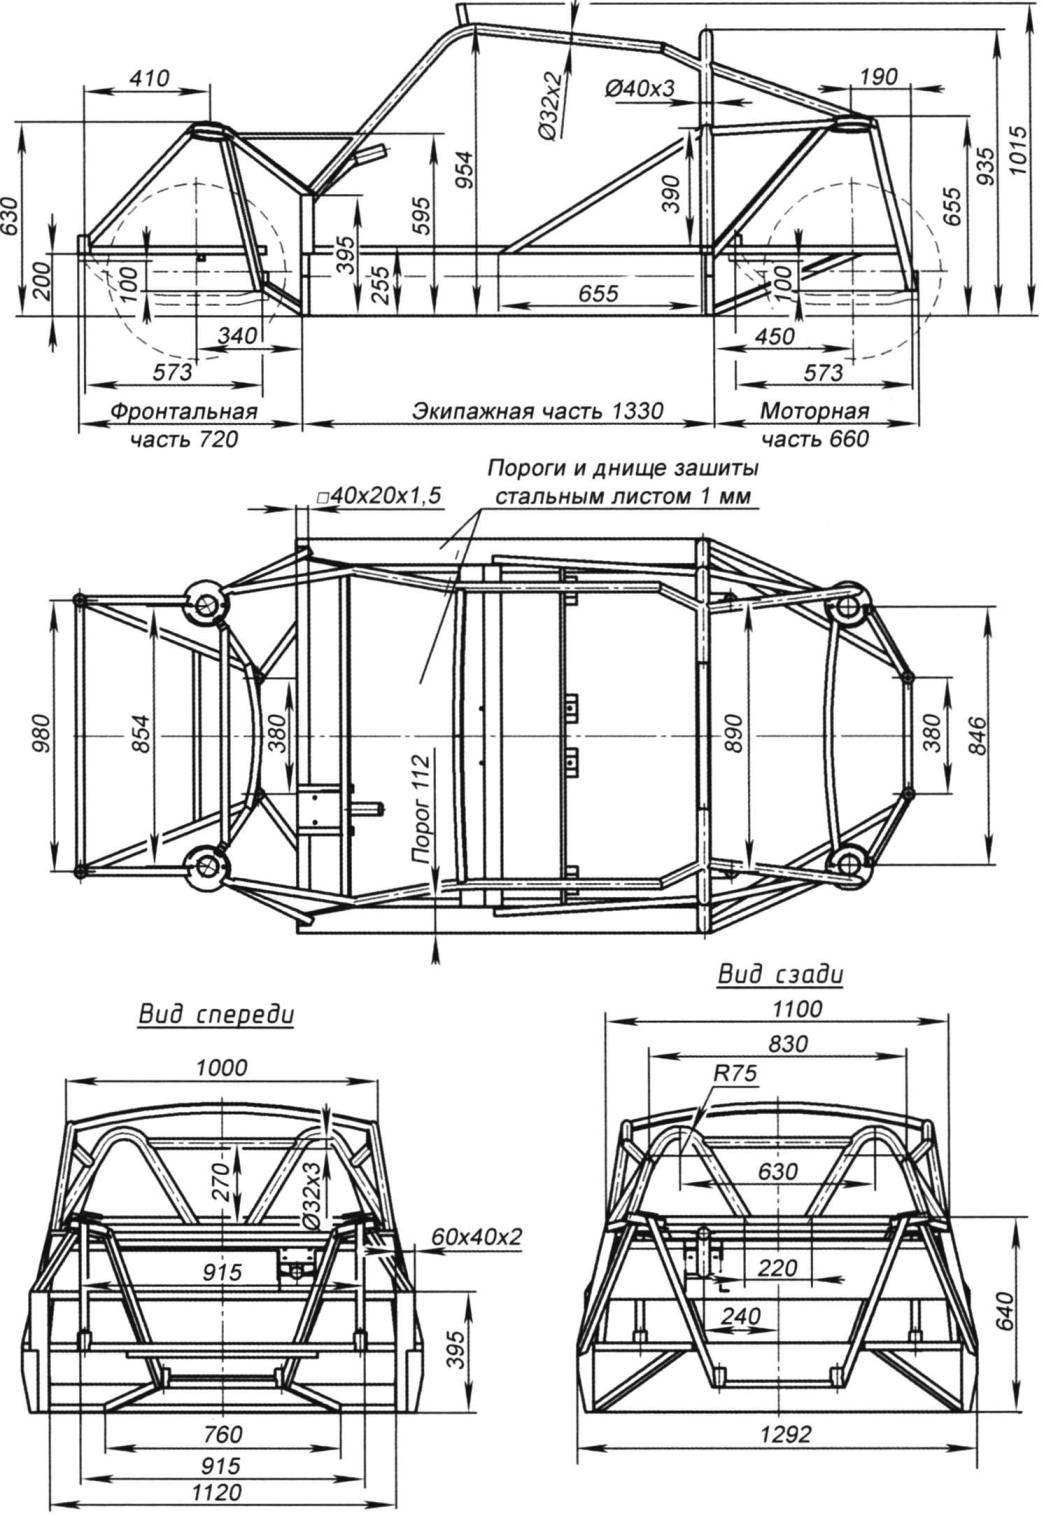 Рама автомобиля «Пегас»